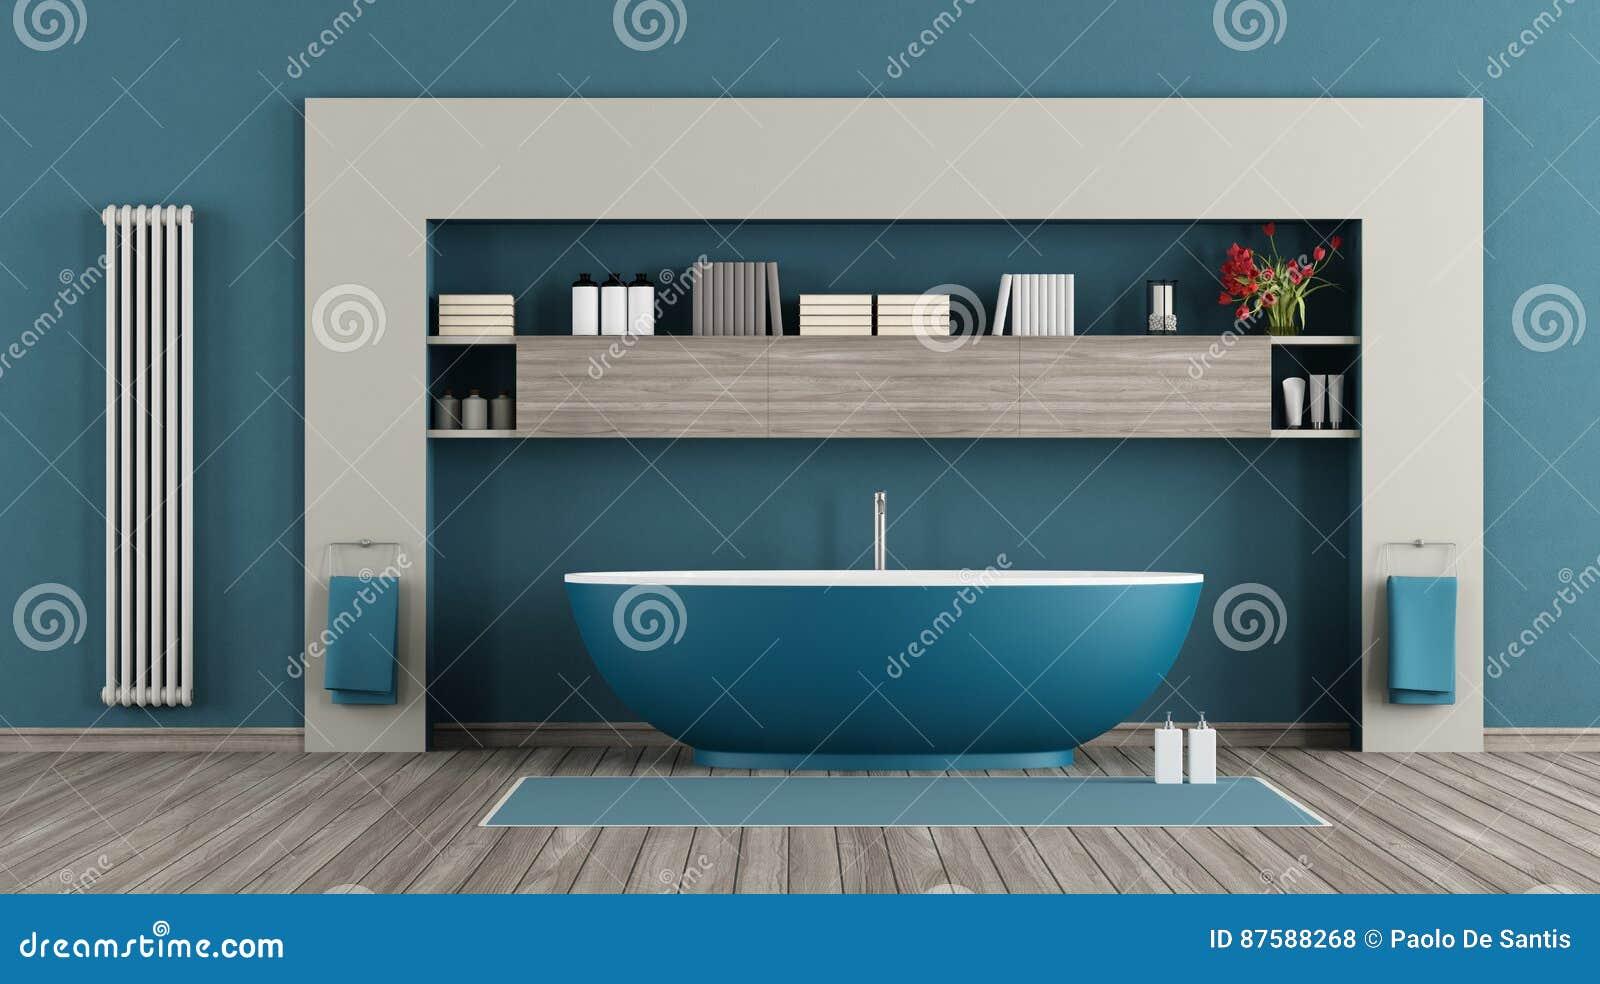 Bagno in stile moderno con luci blu interior design real project